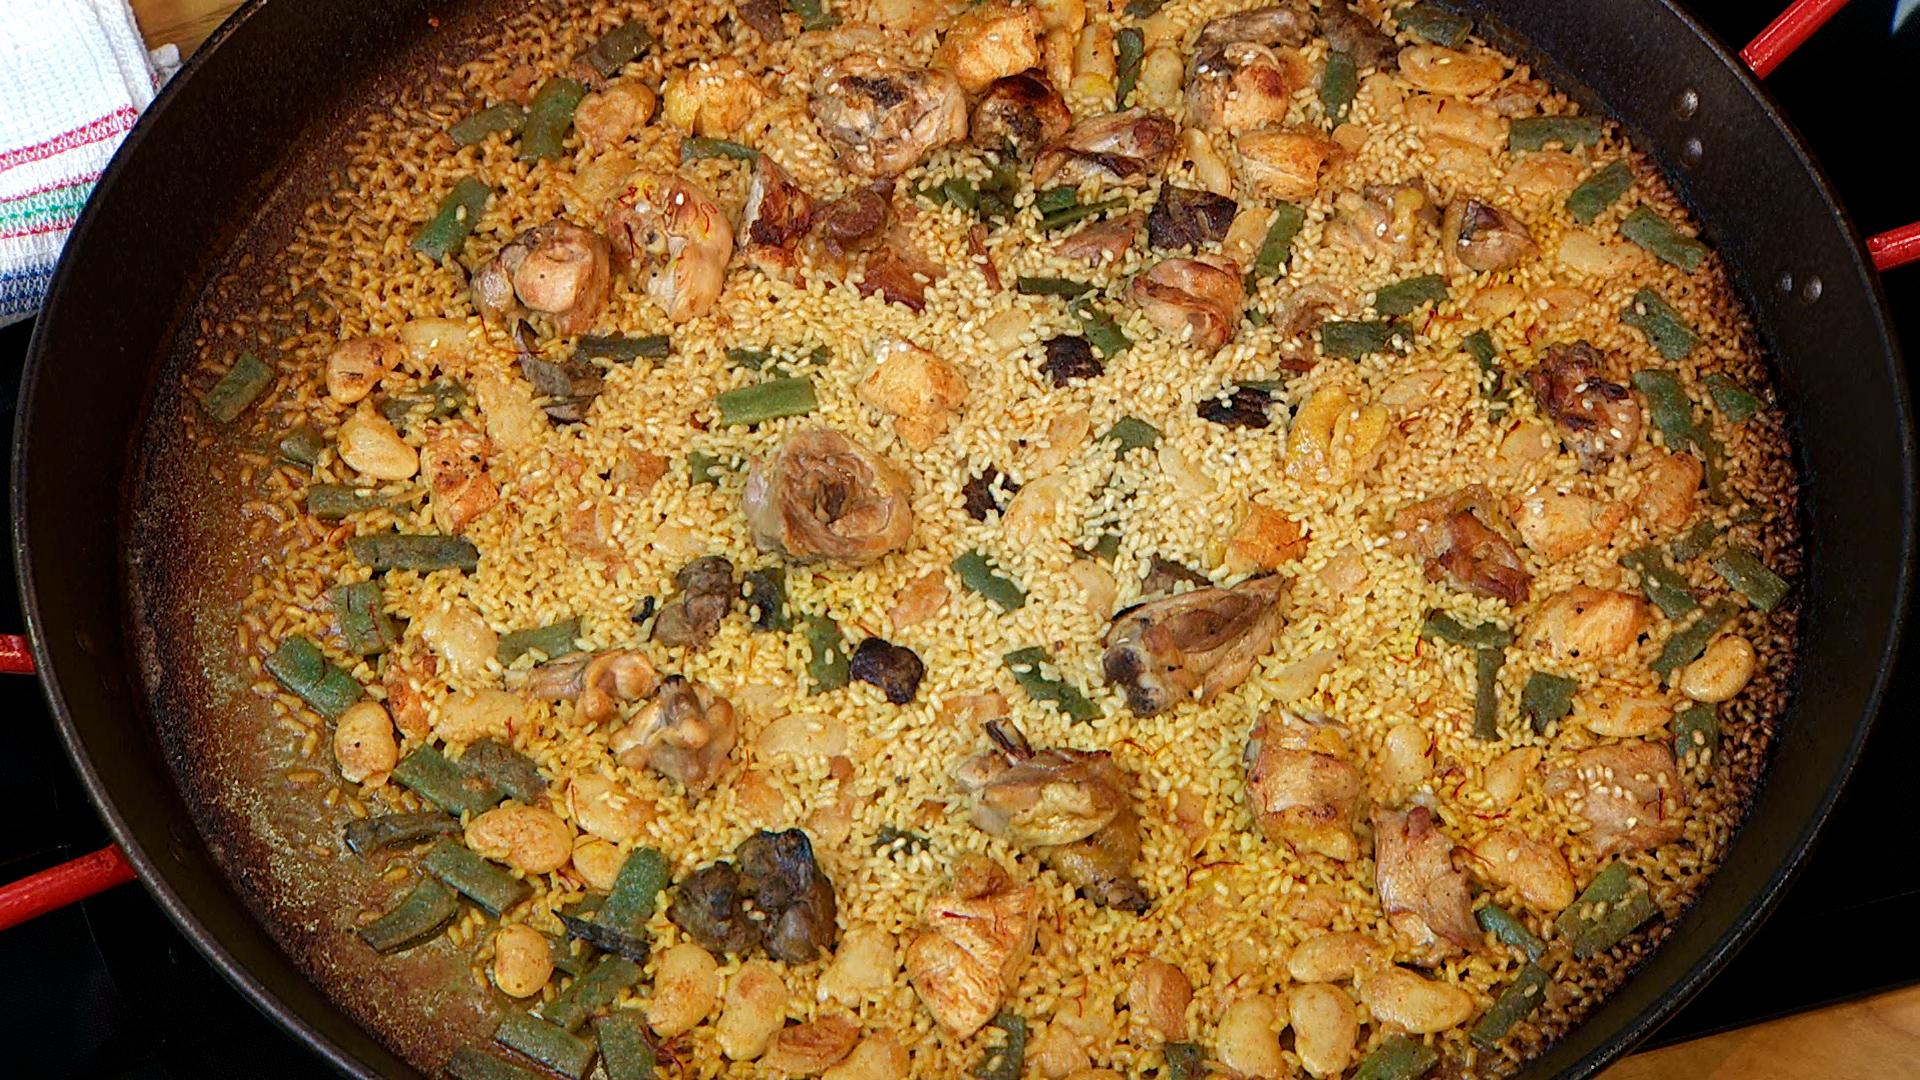 Torres en la cocina - Paella valenciana